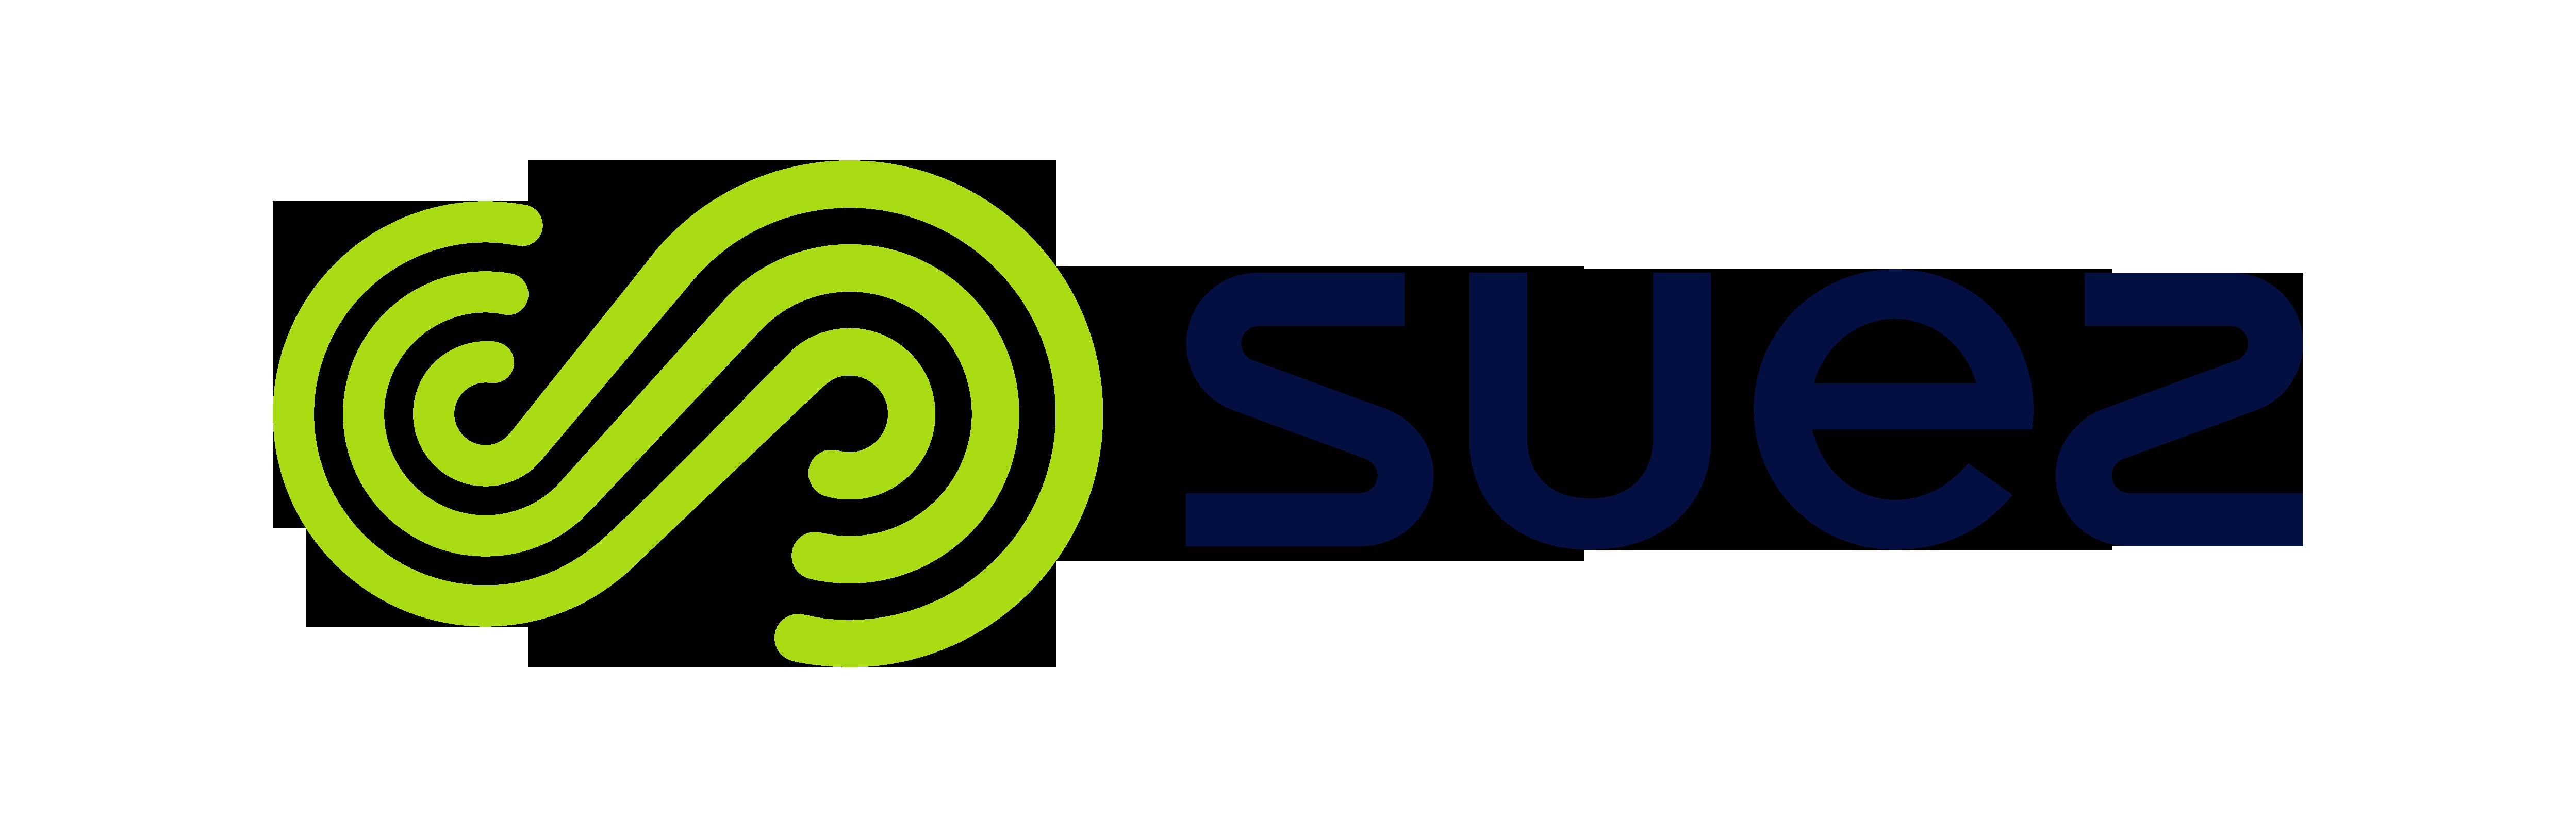 Suez logo hd